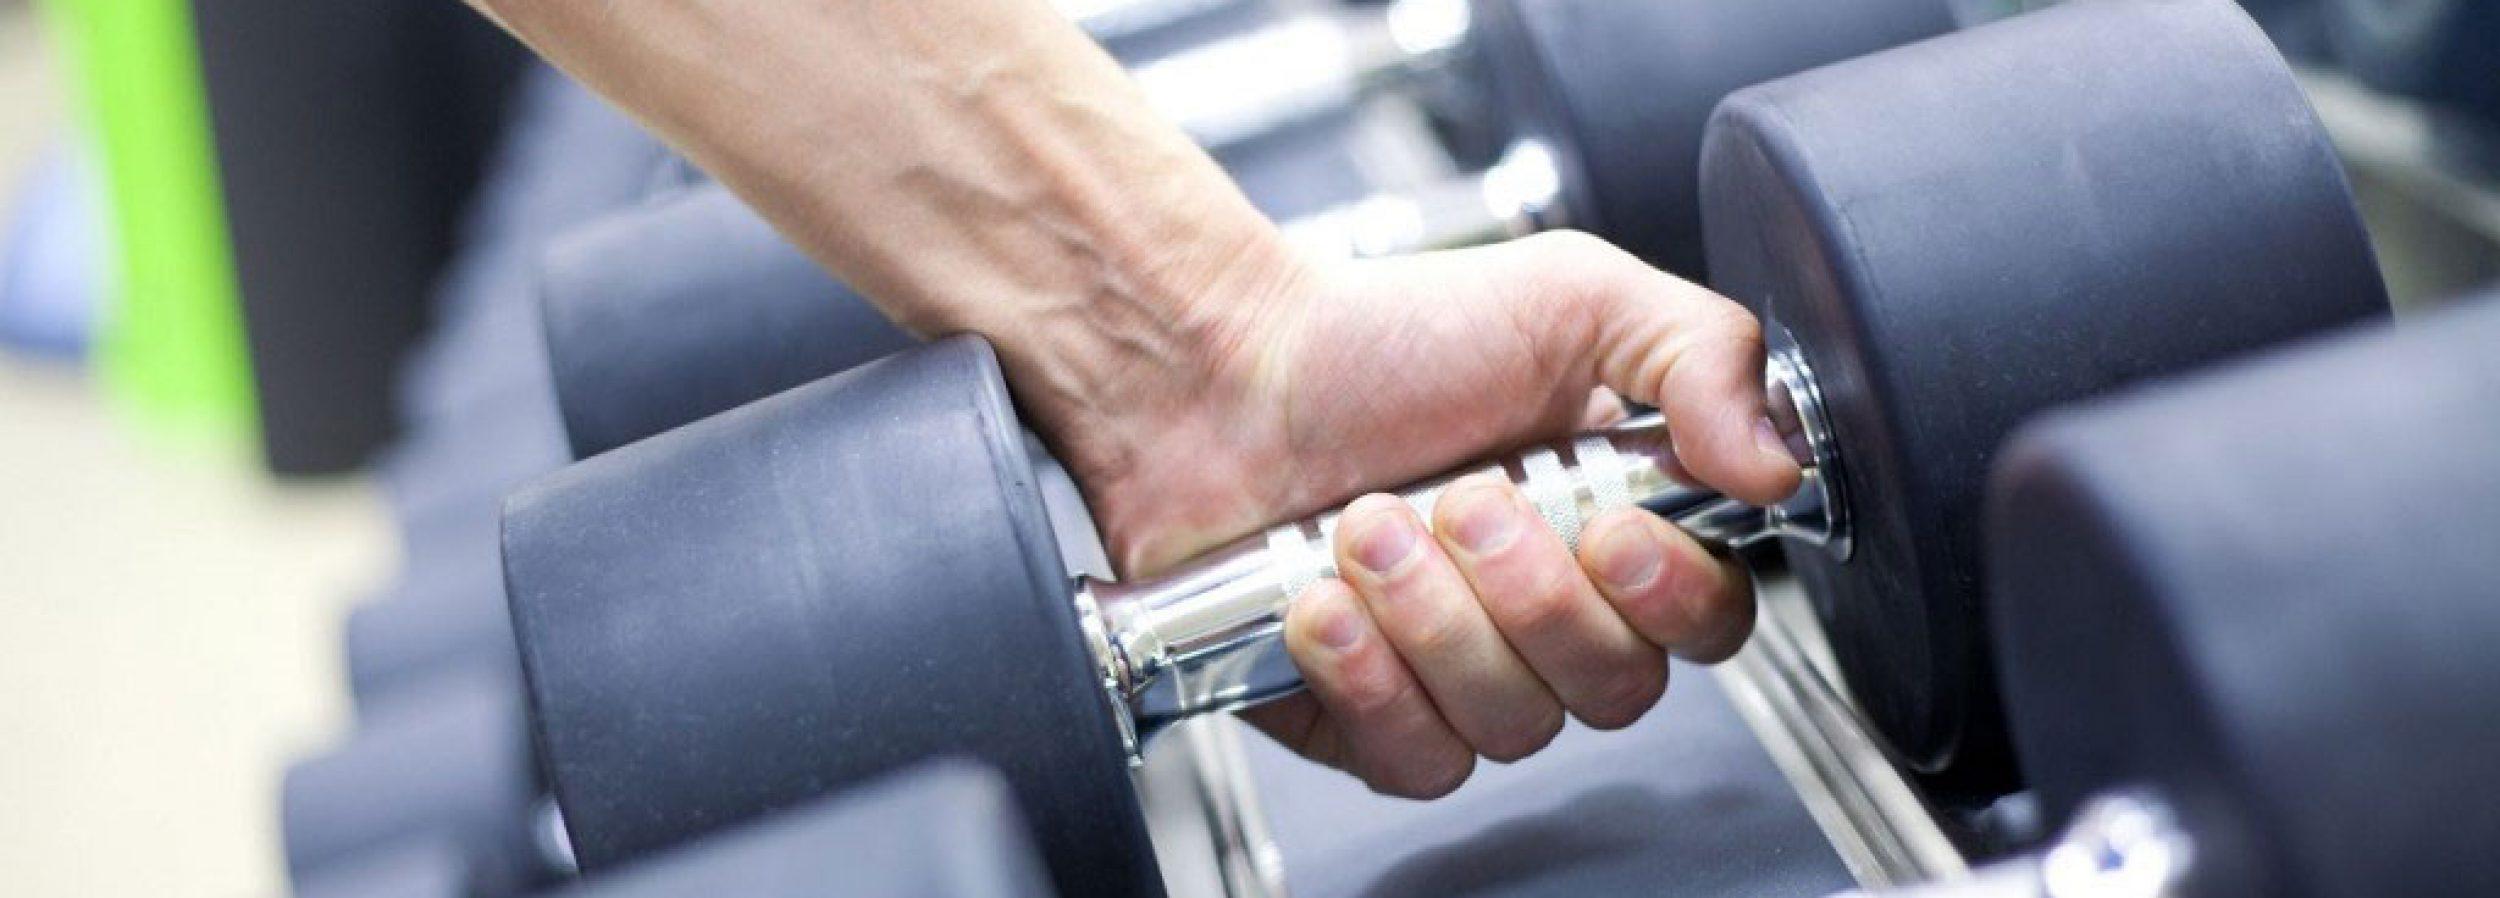 8 técnicas de musculação para ganhar massa muscular mais rapidamente